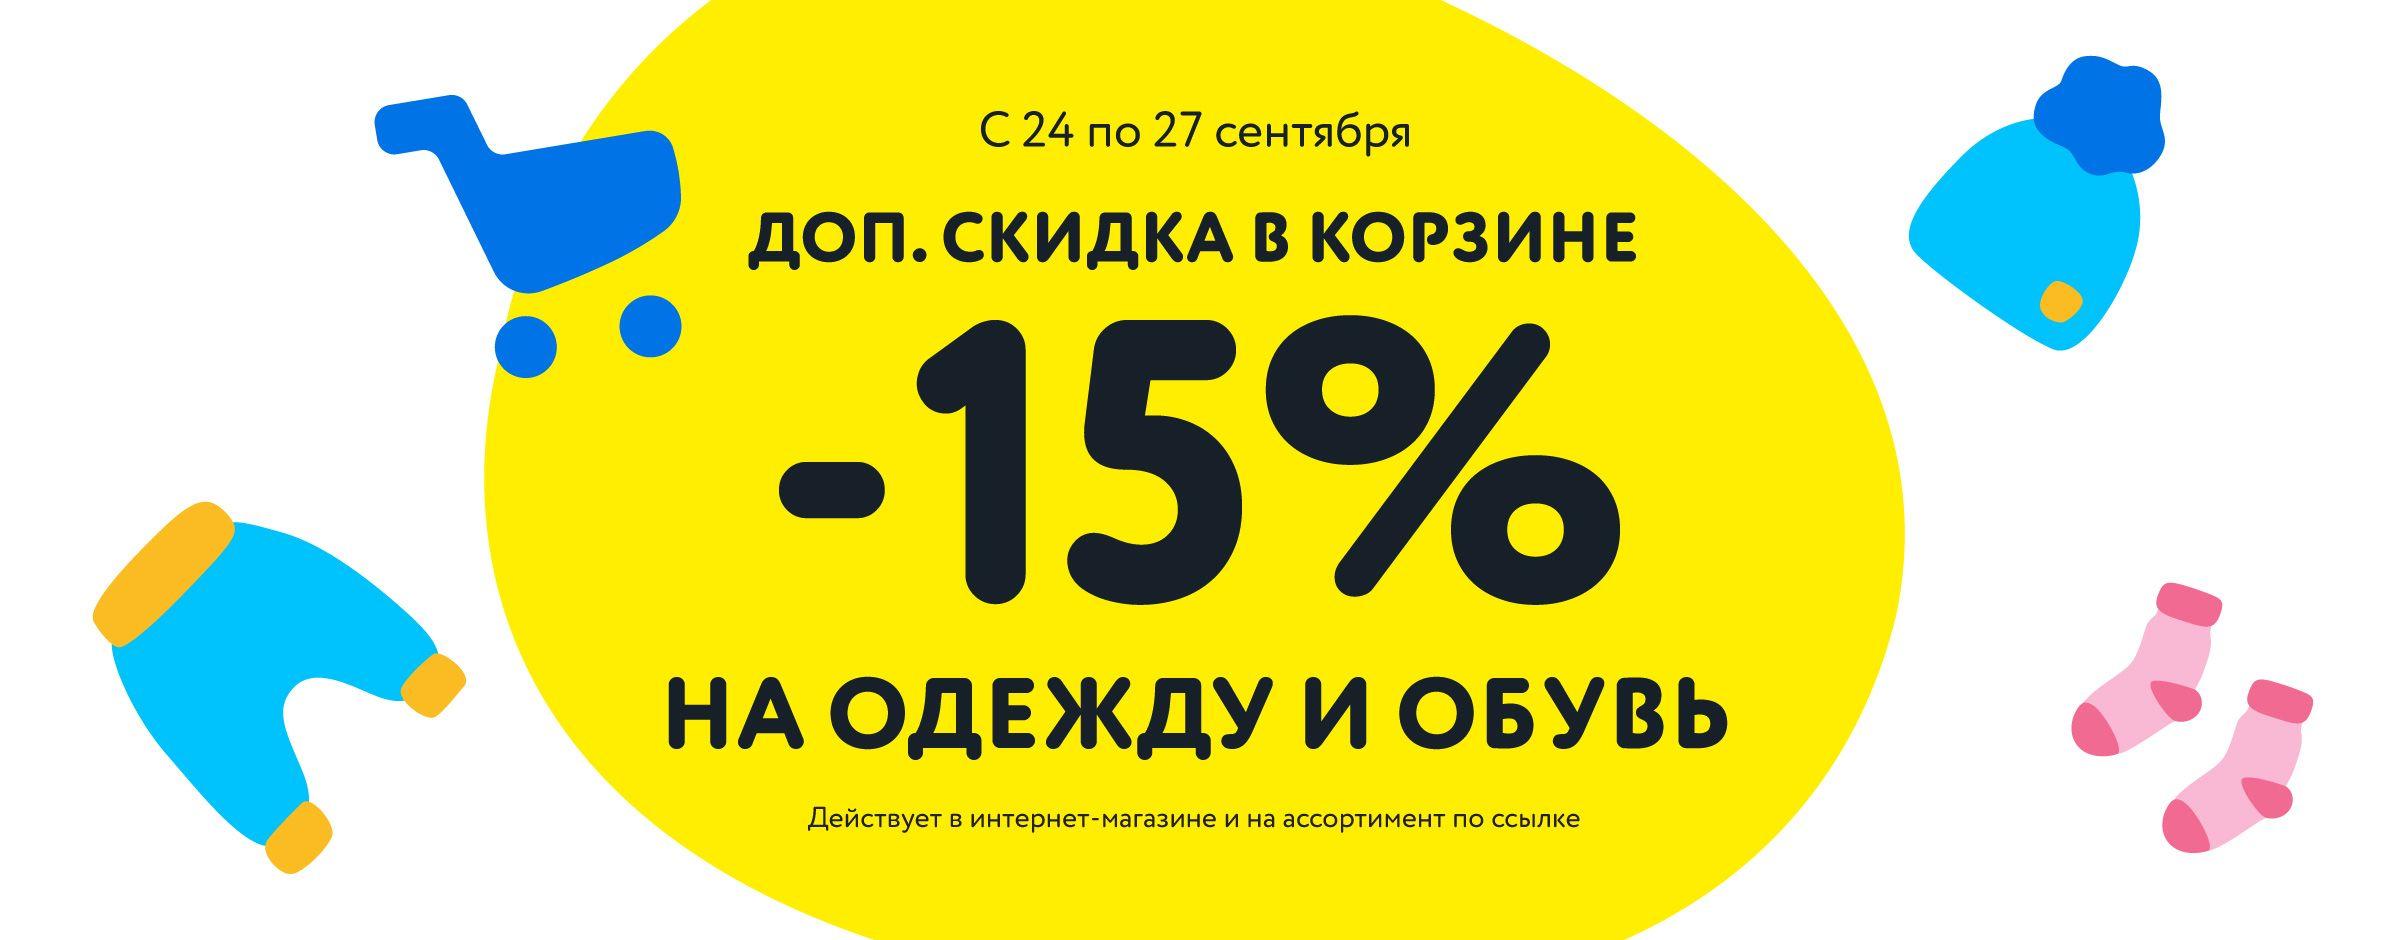 15% в корзине на выделенный ассортимент одежды и обуви